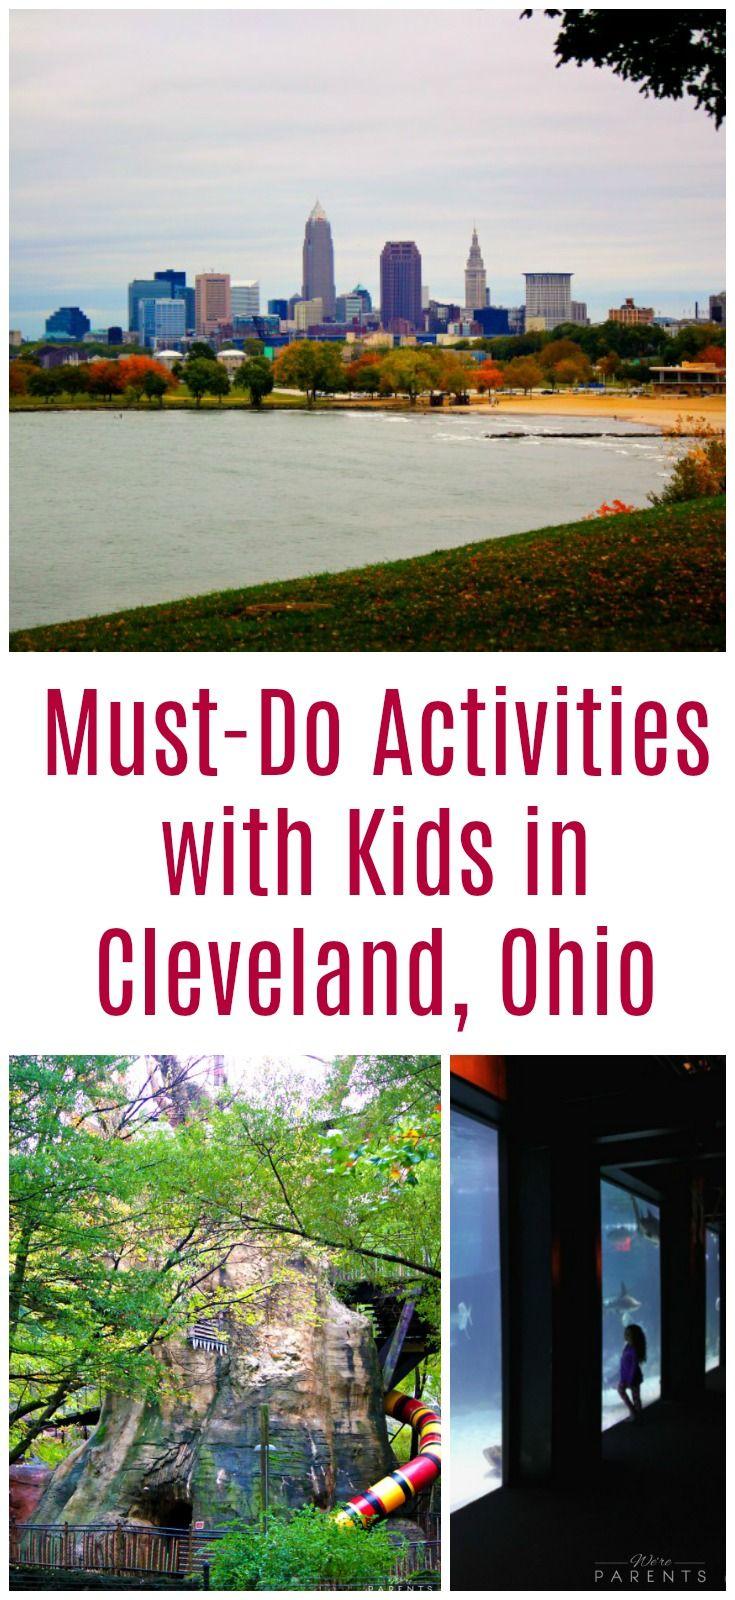 muss Aktivitäten mit Kindern in Cleveland Ohio machen – staycation ideas